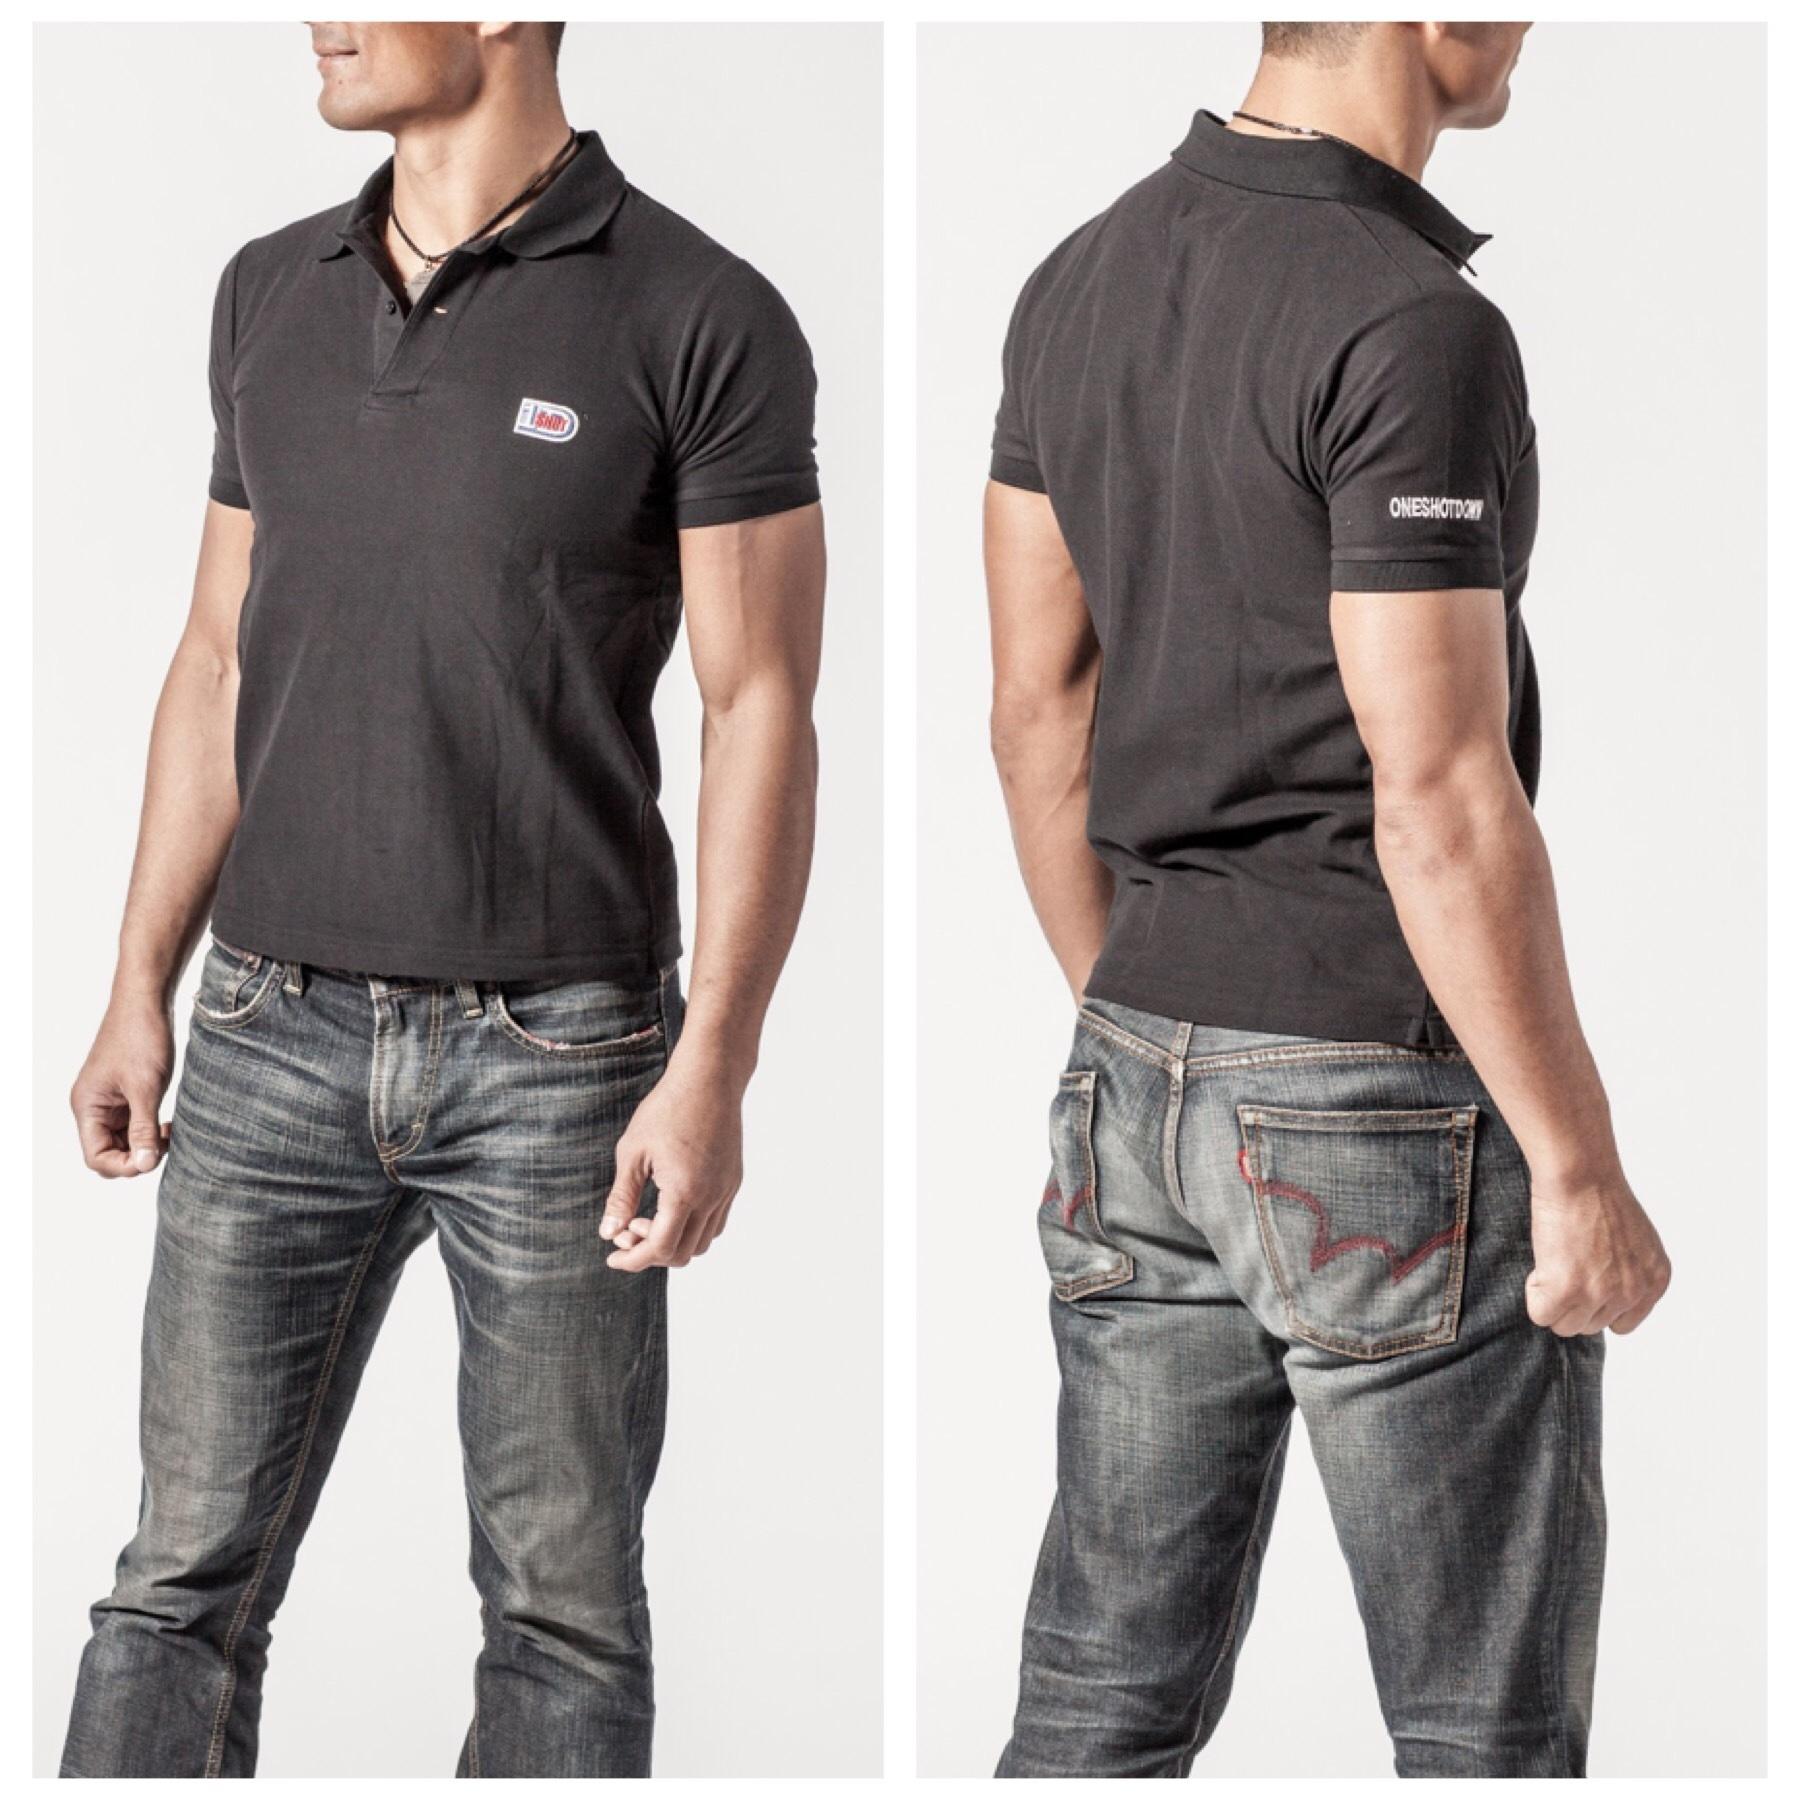 ONESHOTDOWN ワンポイントロゴ ポロシャツ - 画像3